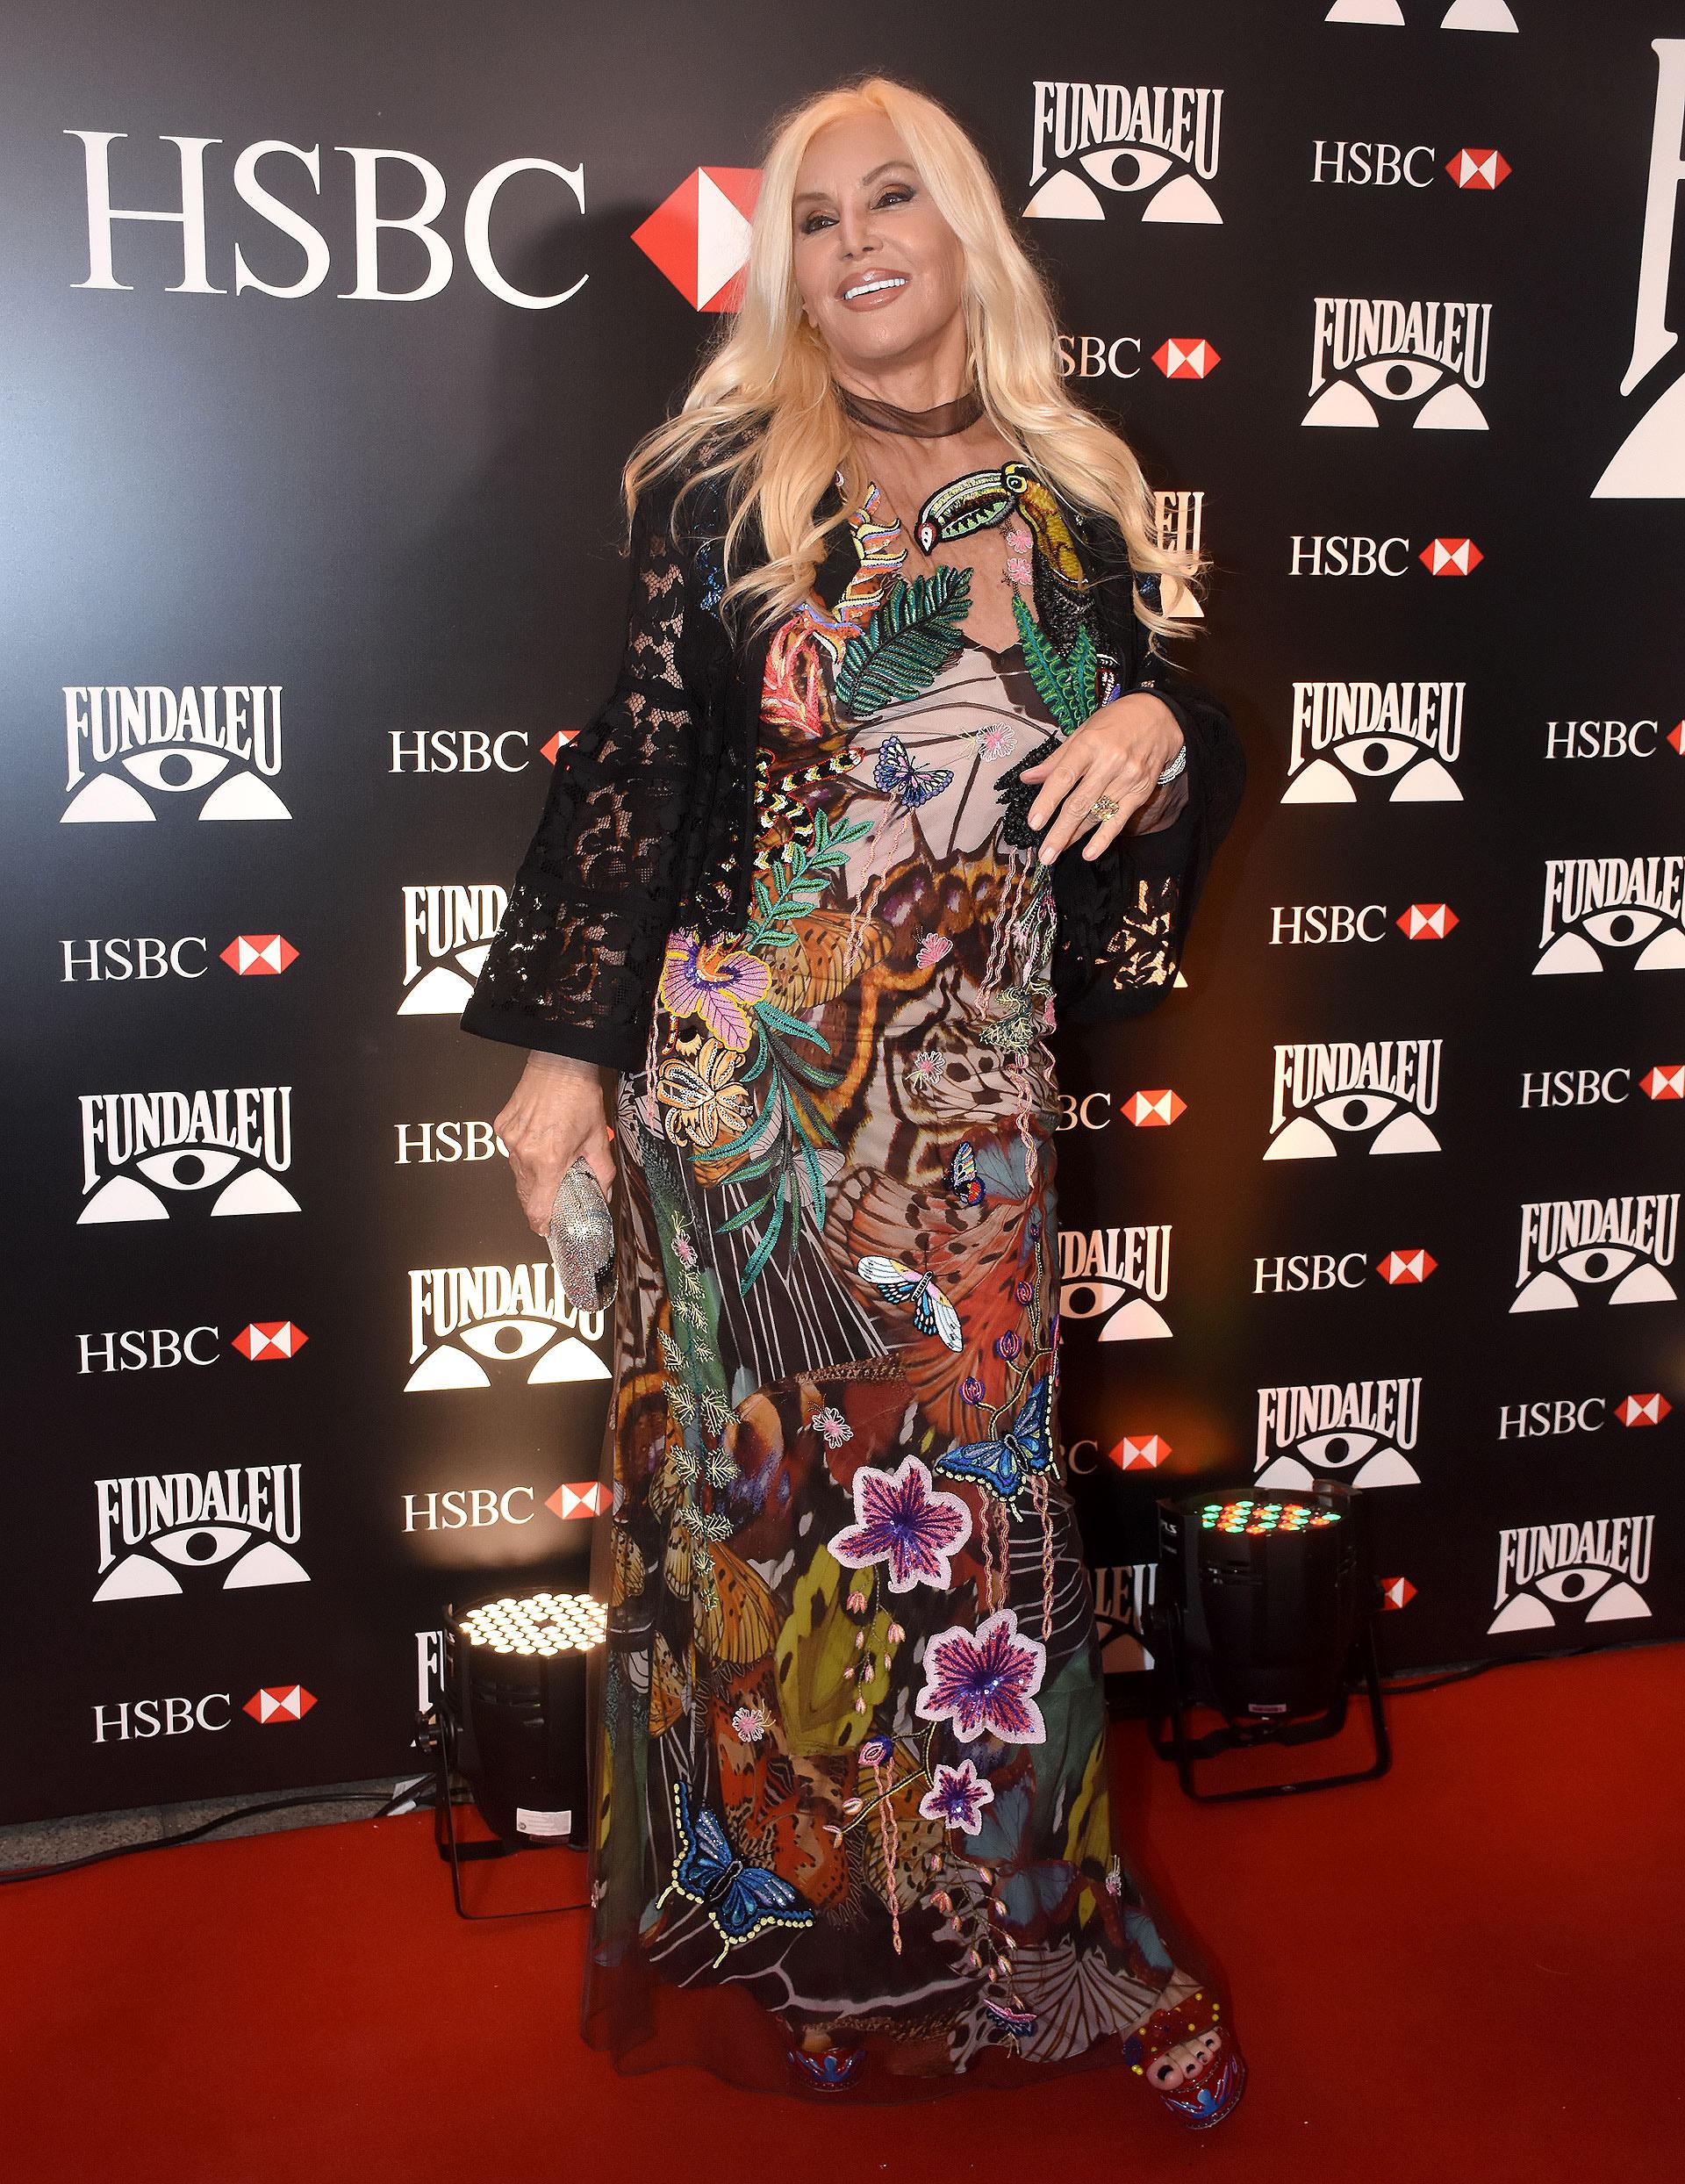 Susana Giménez en la gala de Fundaleu , que en esta nueva edición marcó otro record en solidaridad, alcanzando una recaudación de $6.550.000